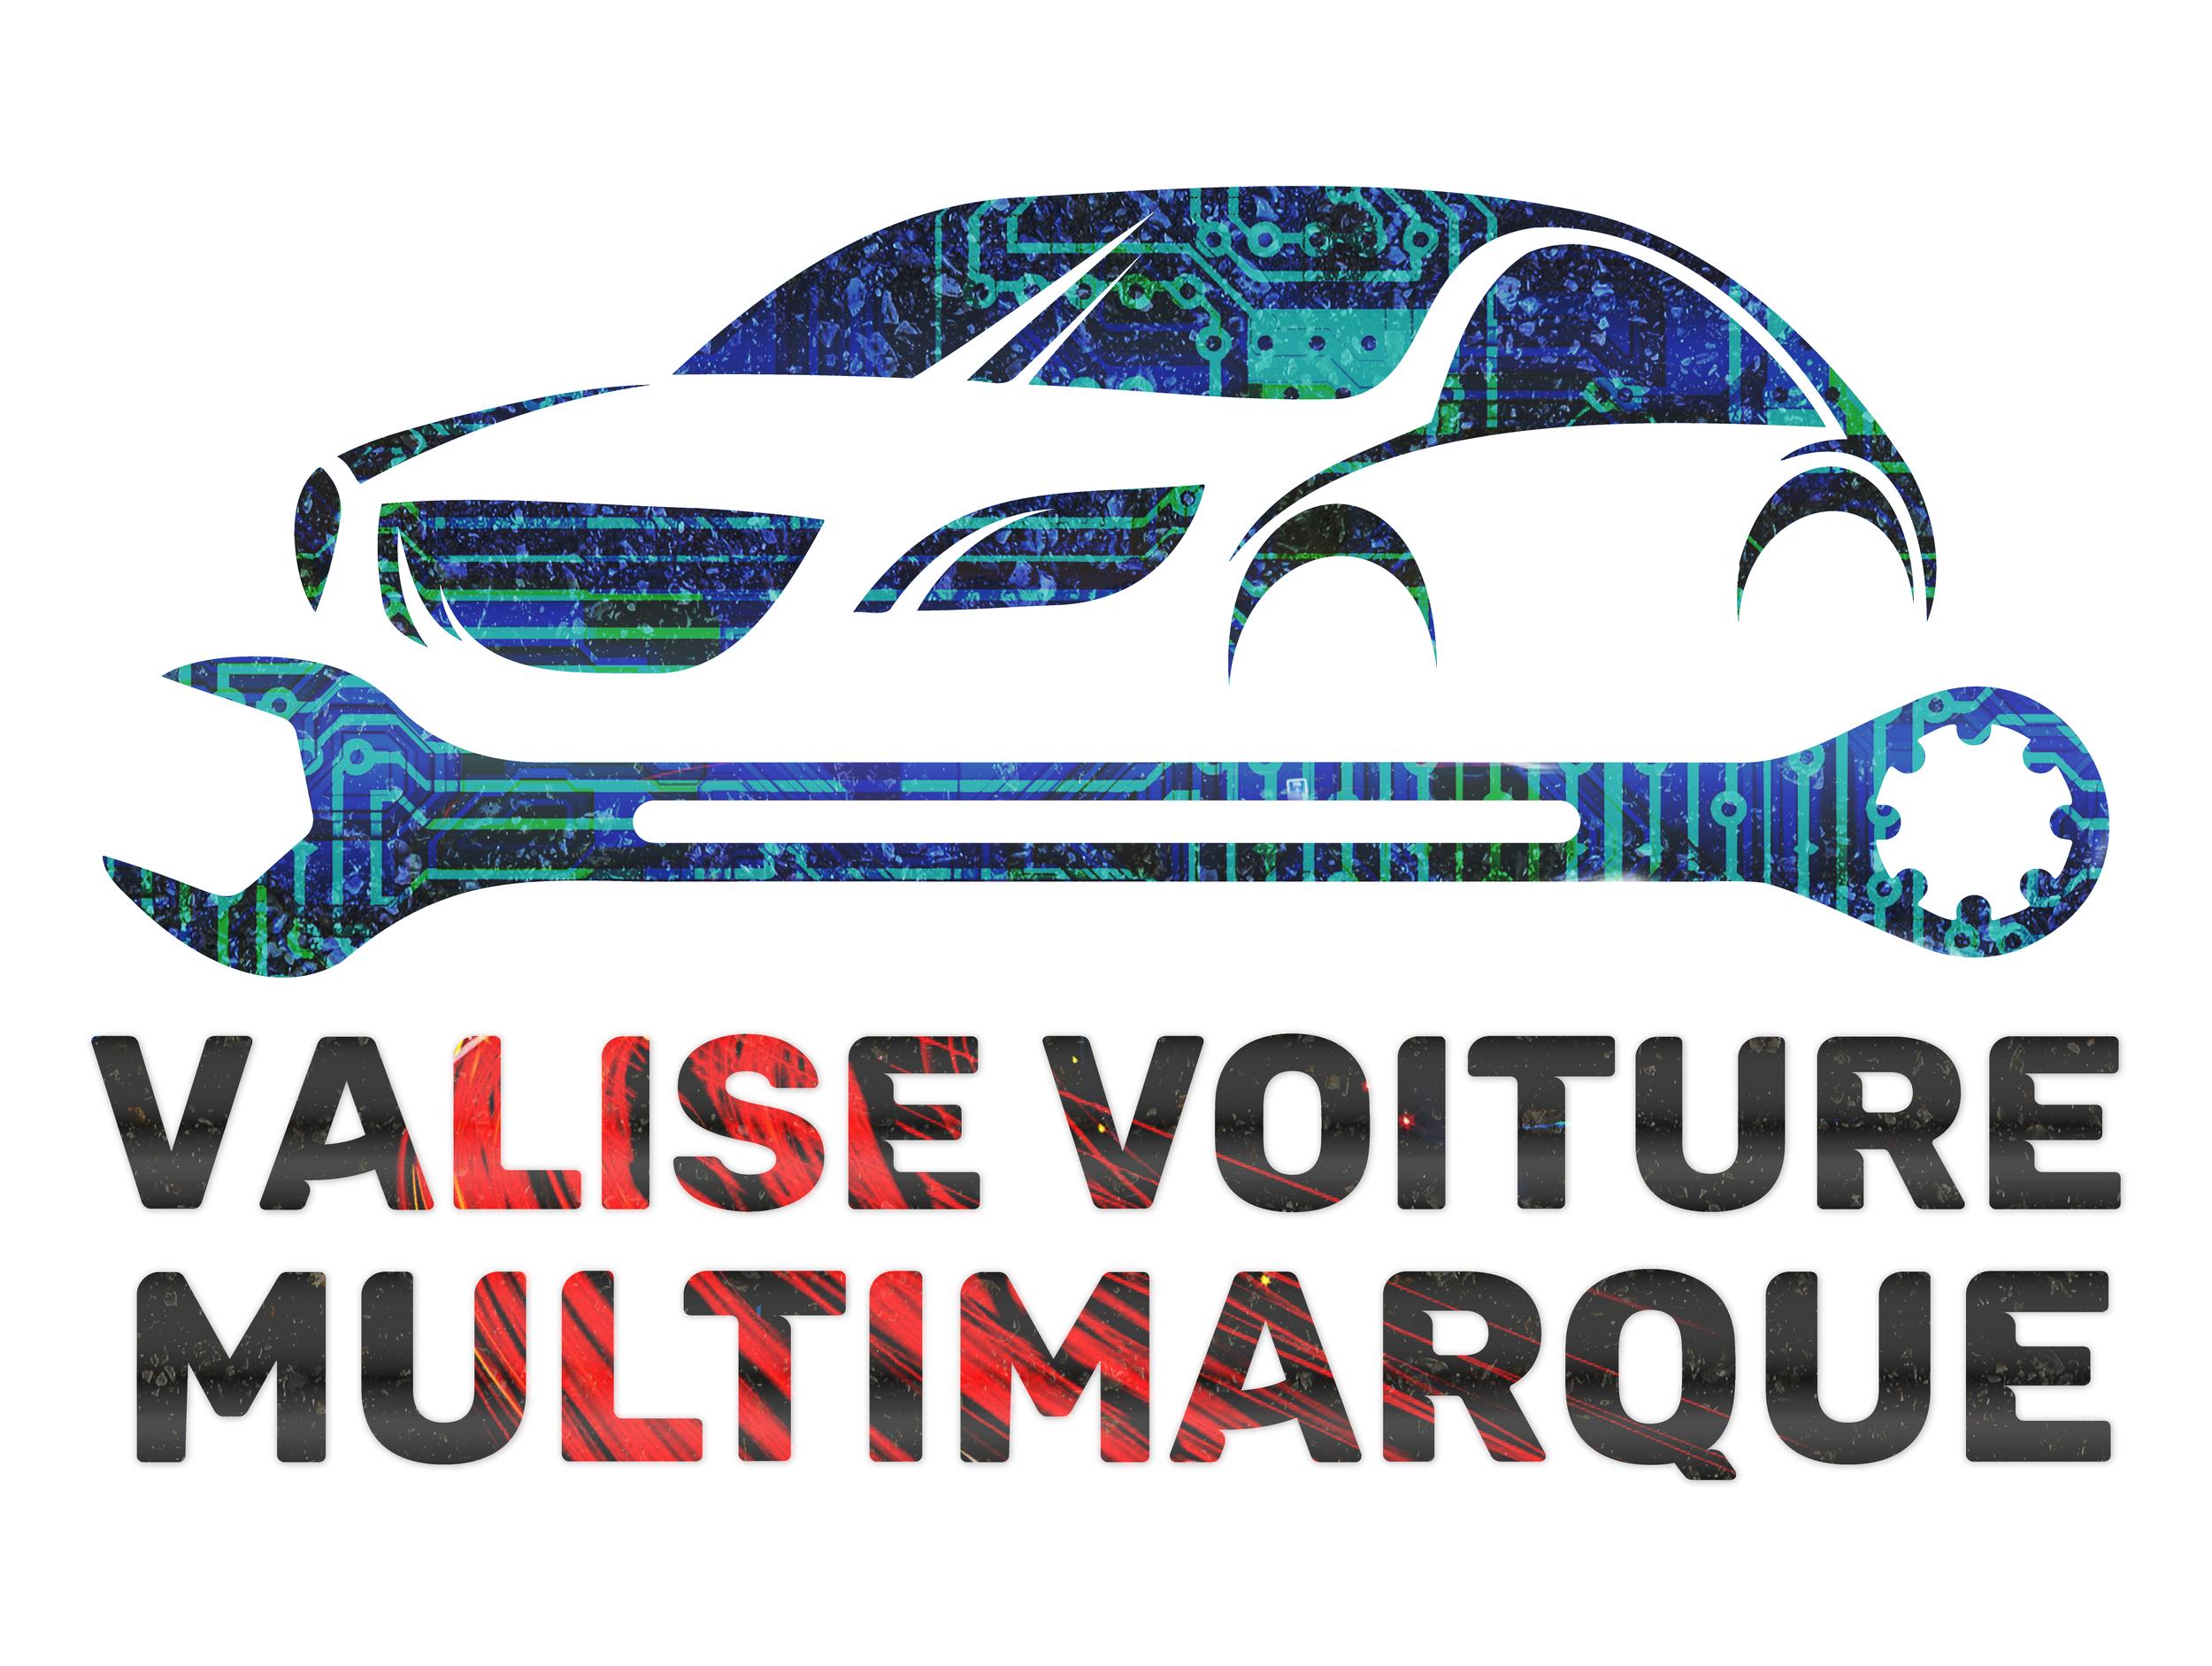 Valise voiture multimarque